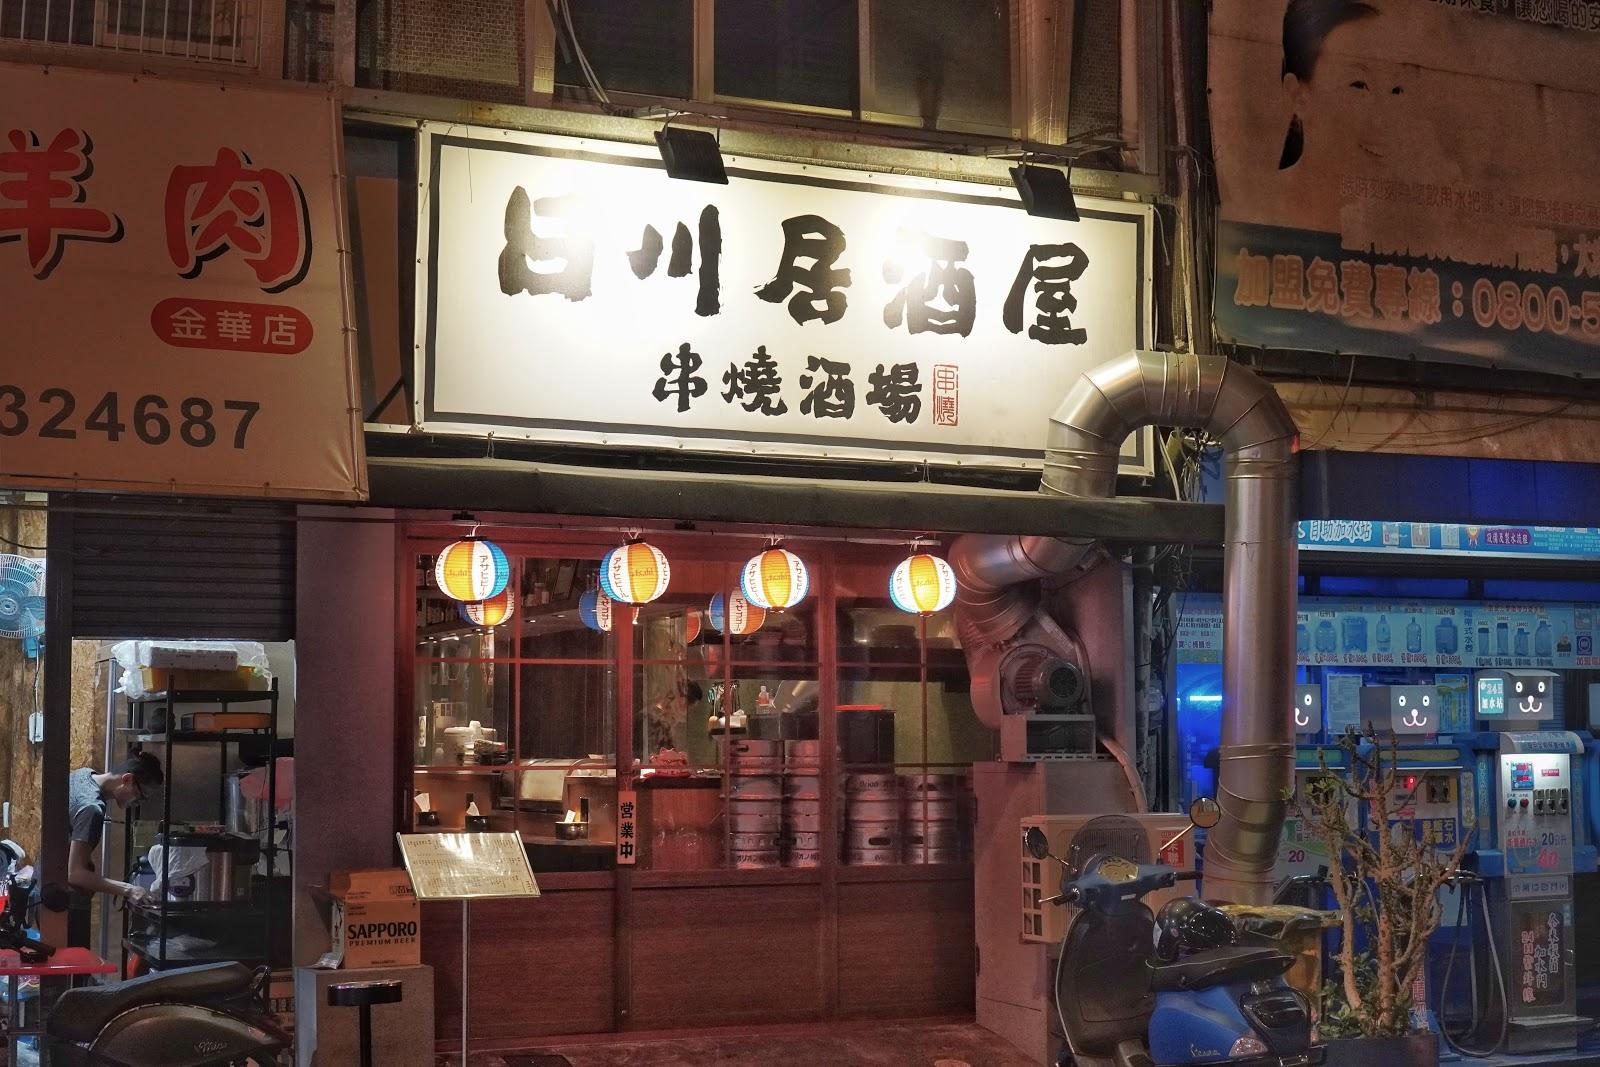 台南中西區美食【日川居酒屋】店家外觀